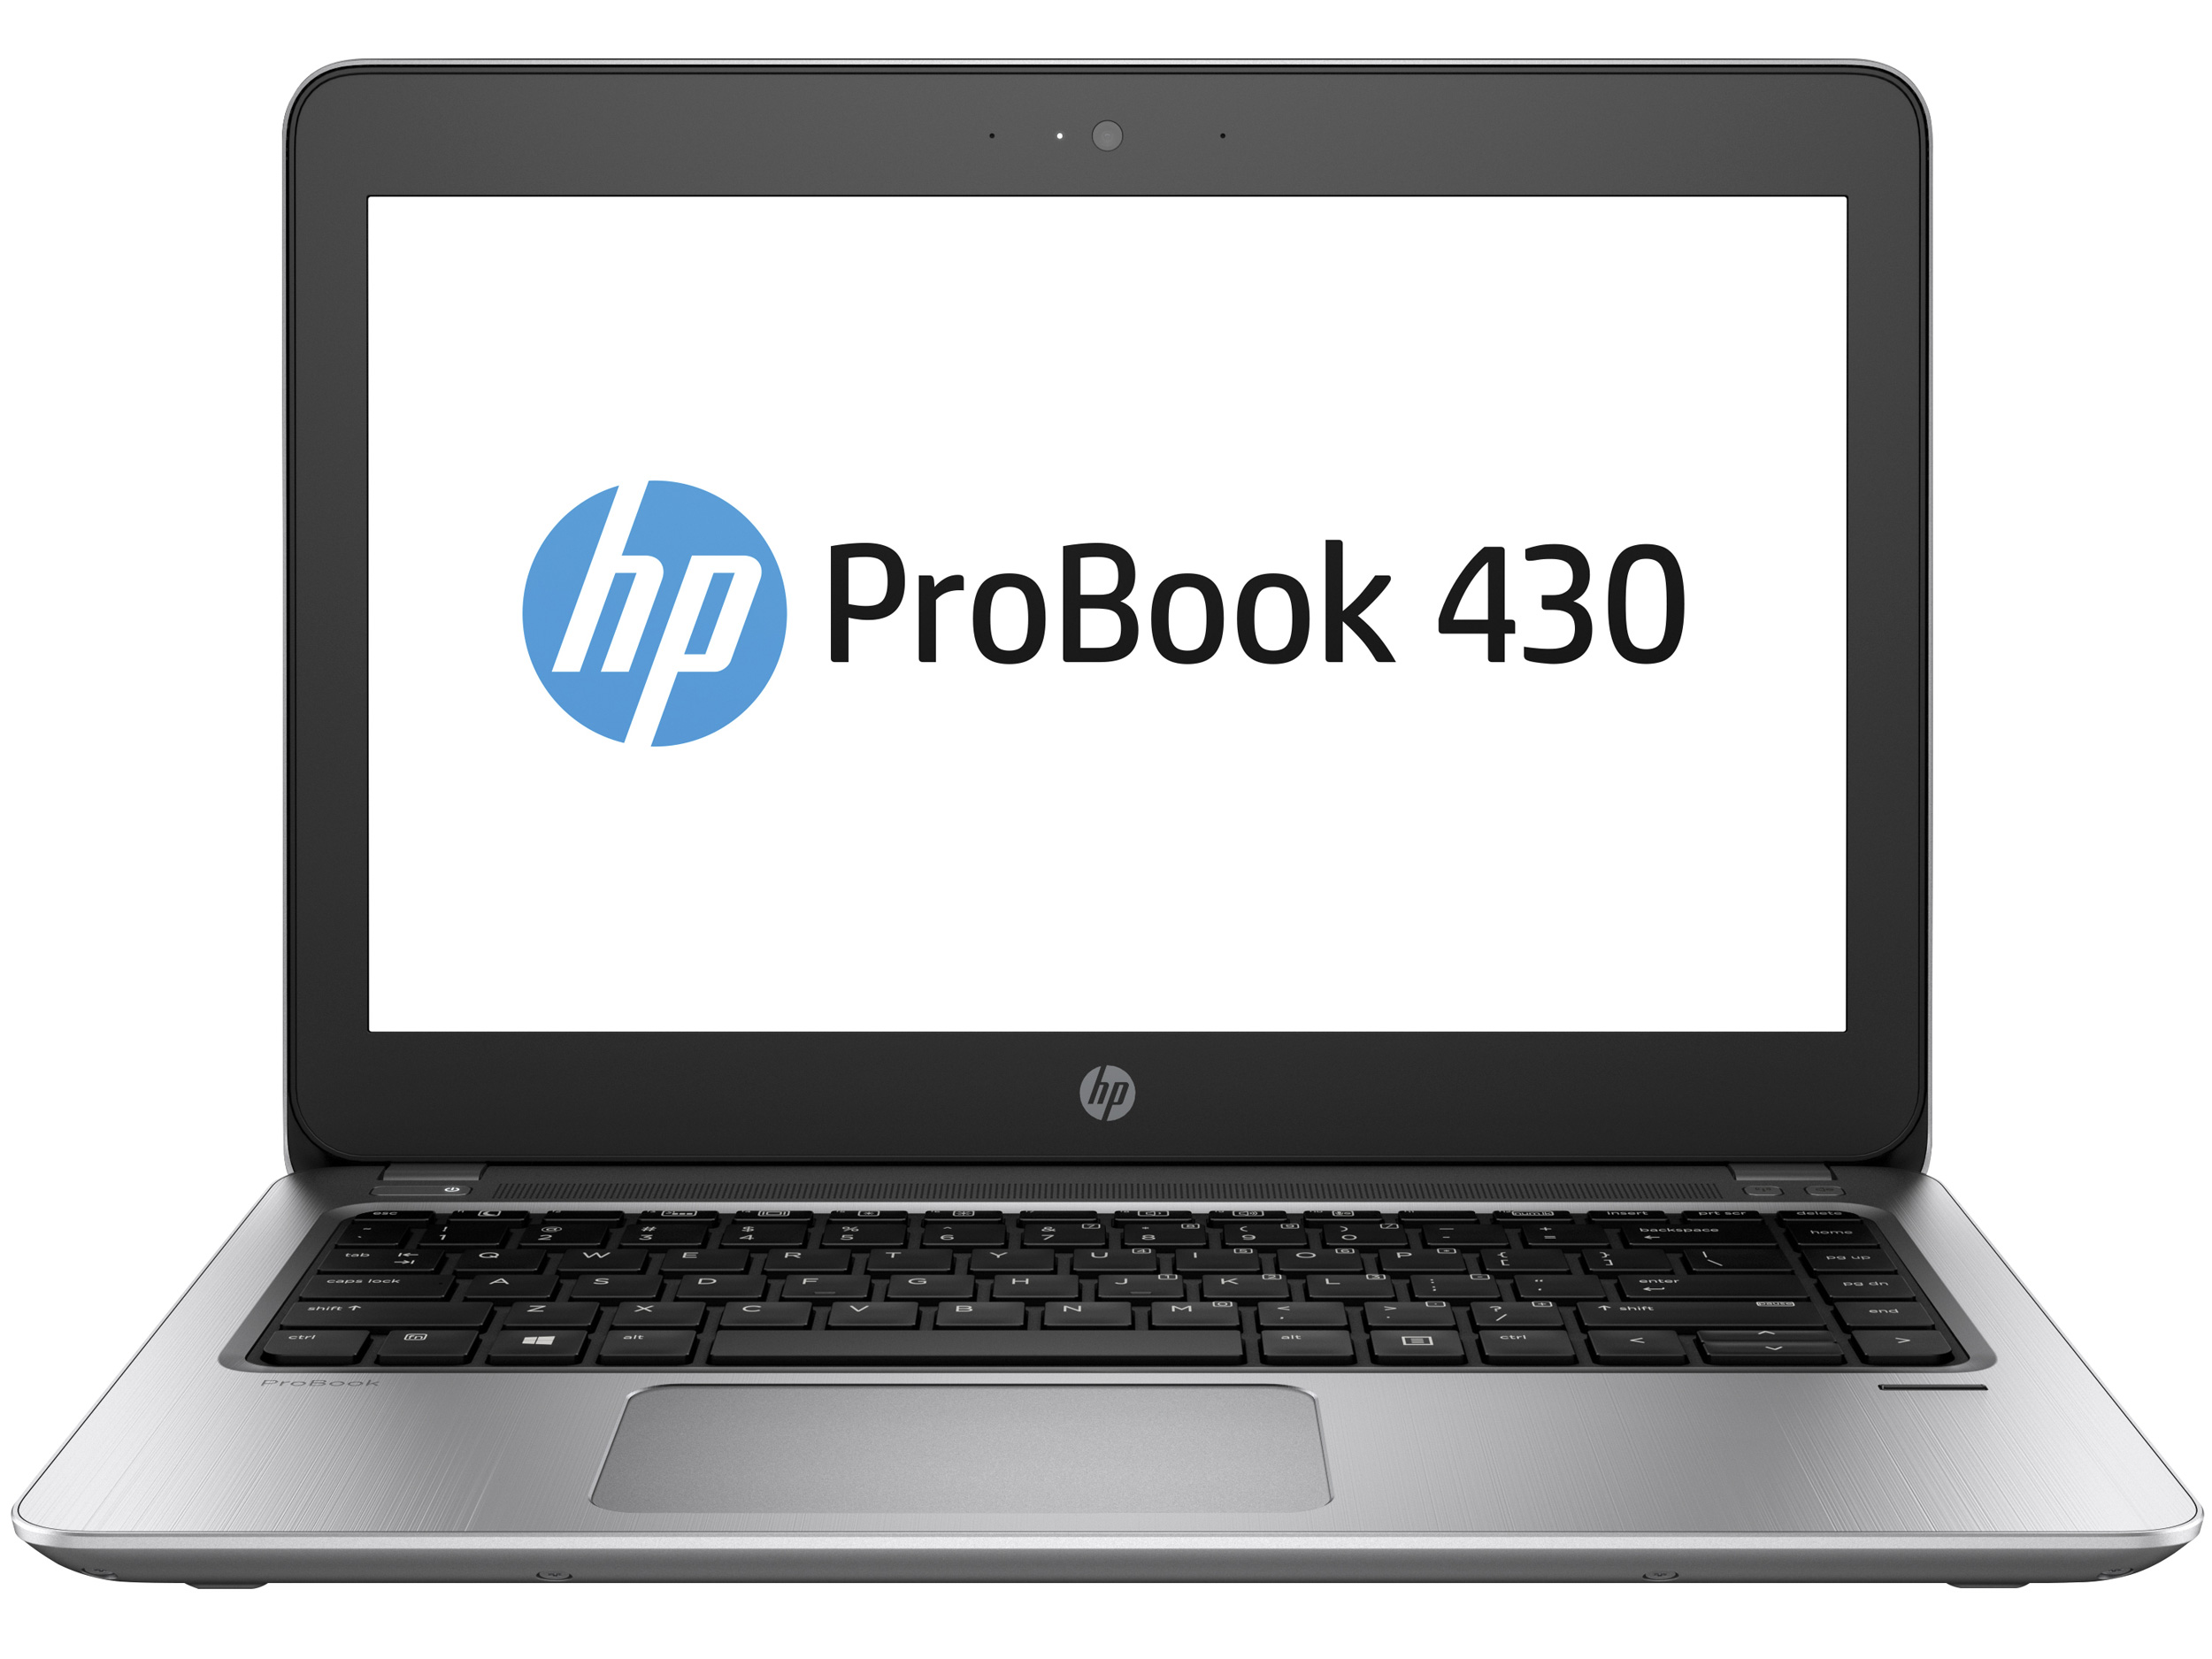 HP Probook 430 G4 - Z6T09PA- vỏ nhôm bạc